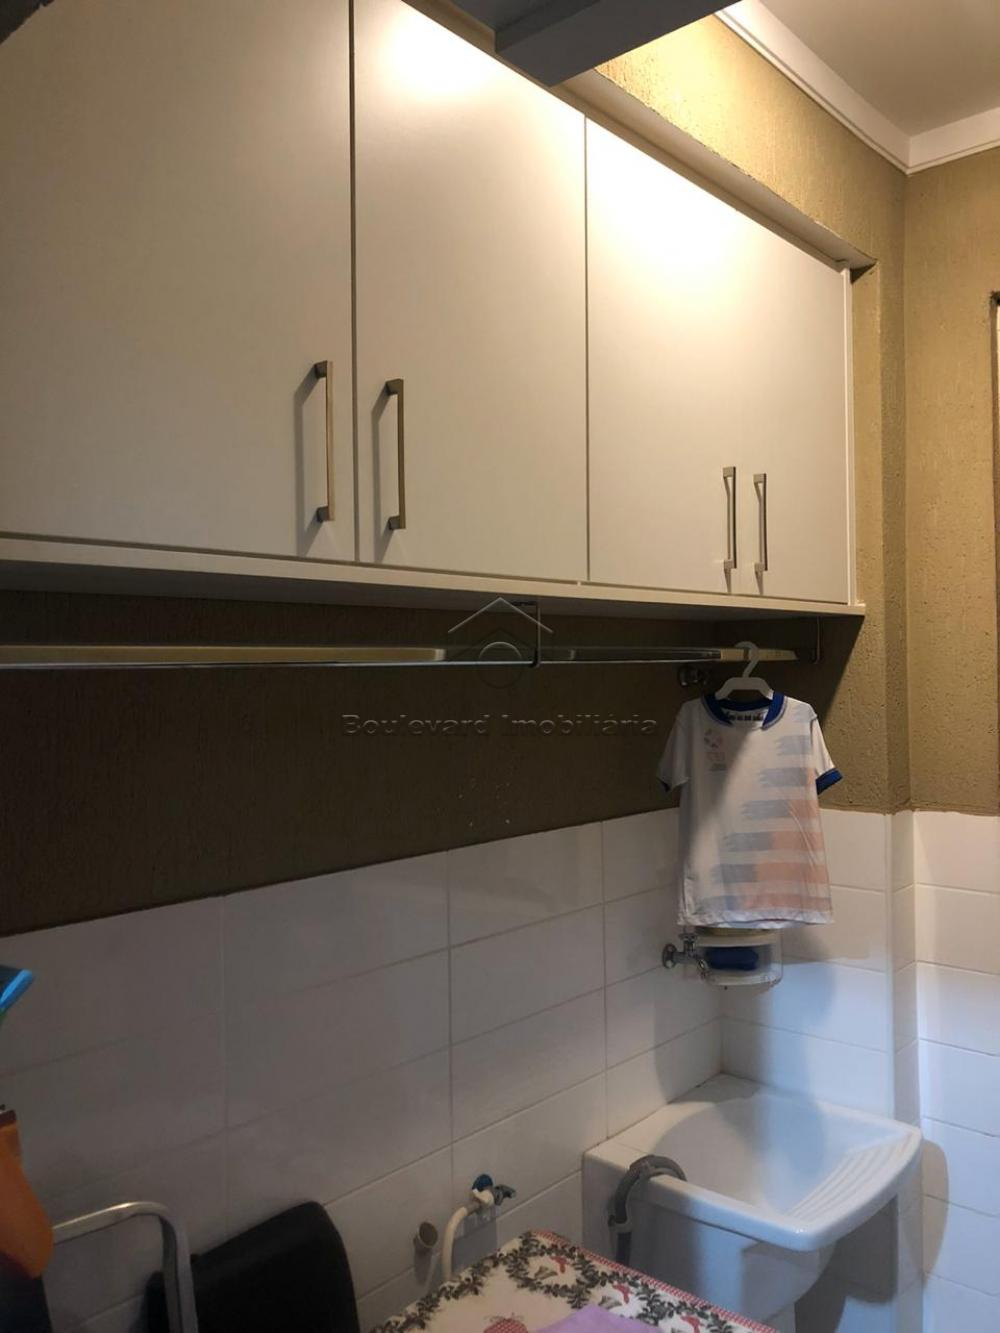 Comprar Apartamento / Padrão em Ribeirão Preto R$ 350.000,00 - Foto 11